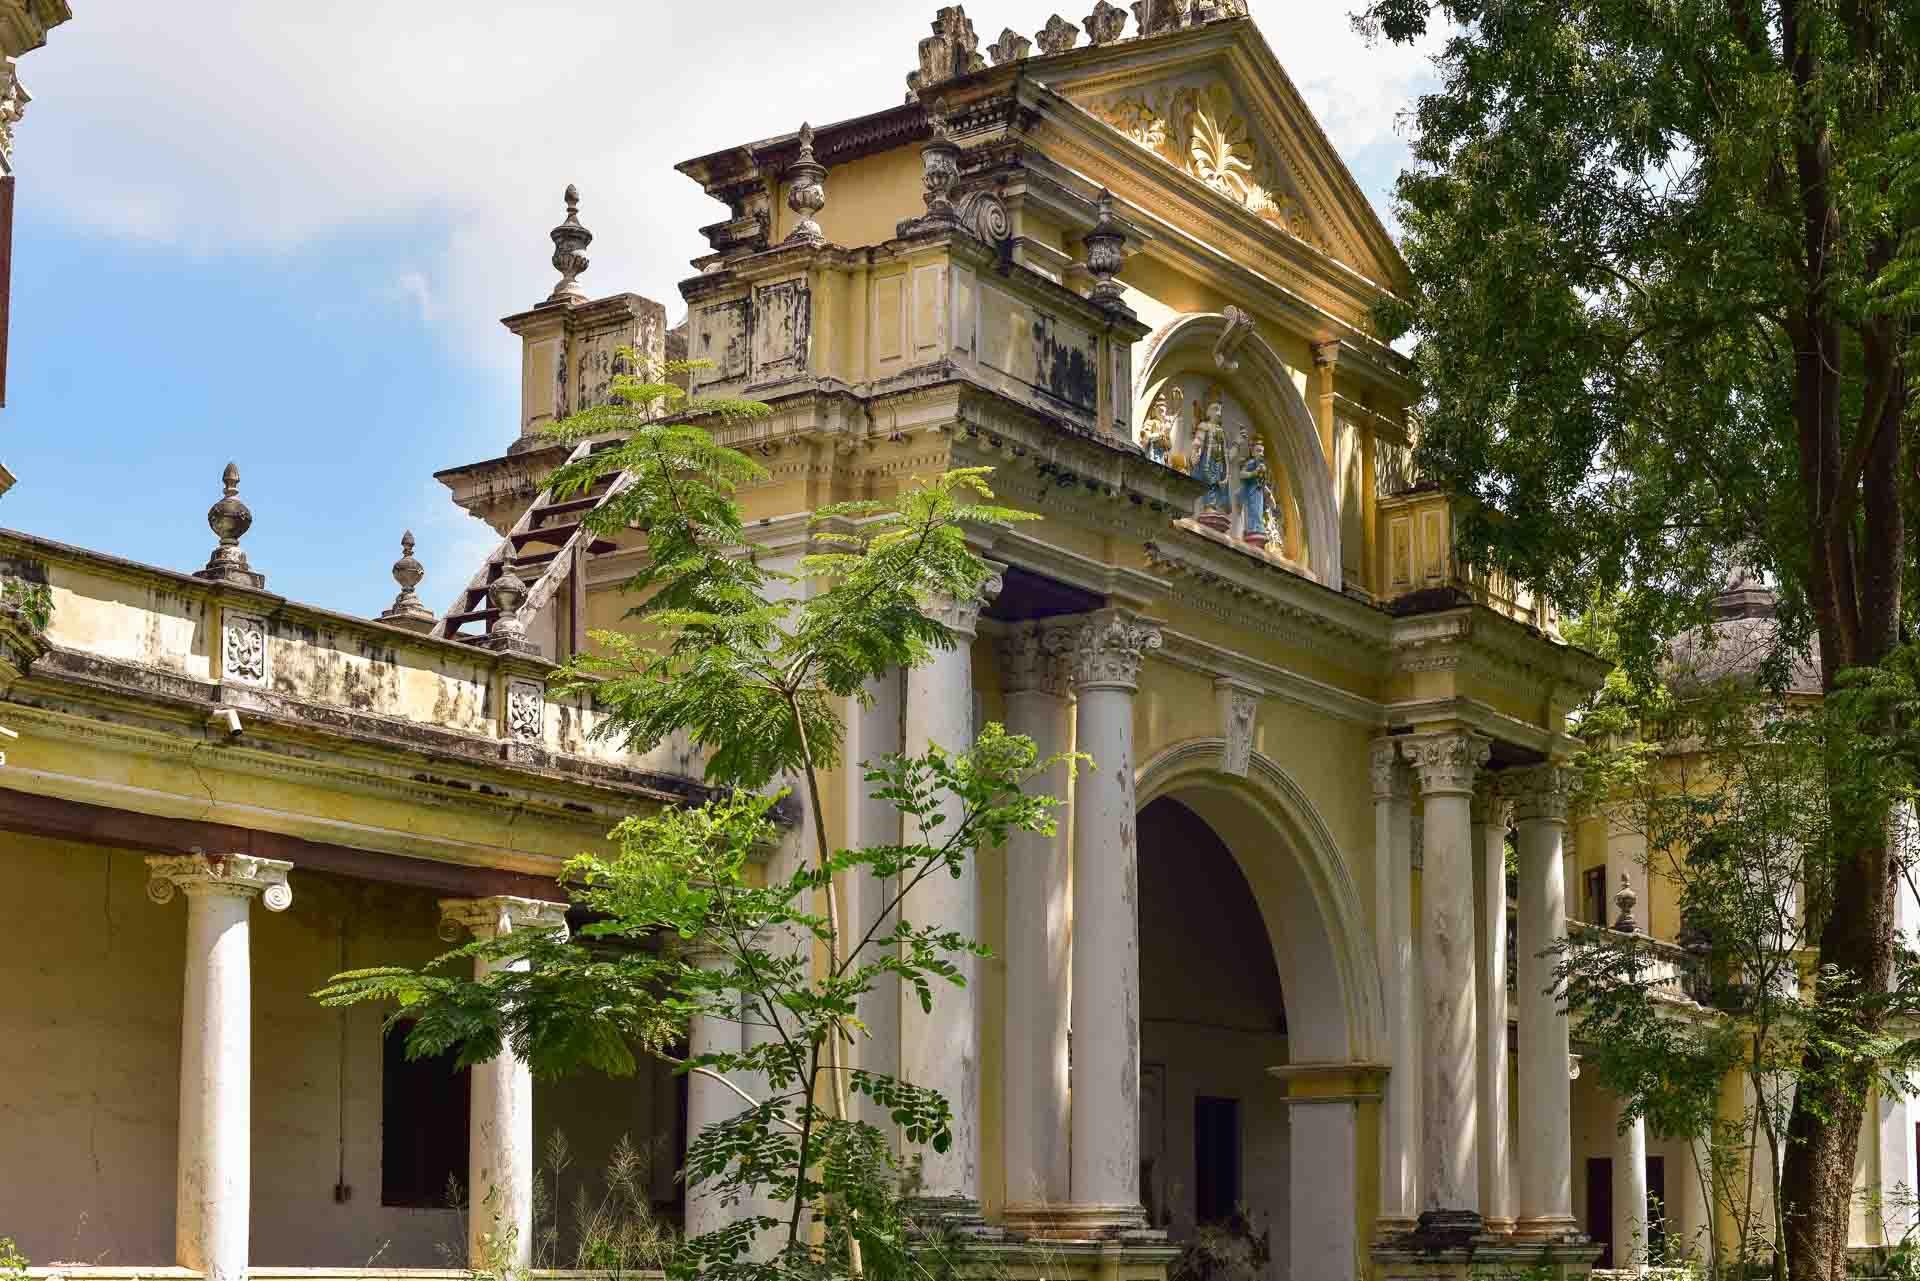 Blick auf das hintere Tor des Folklore Museums